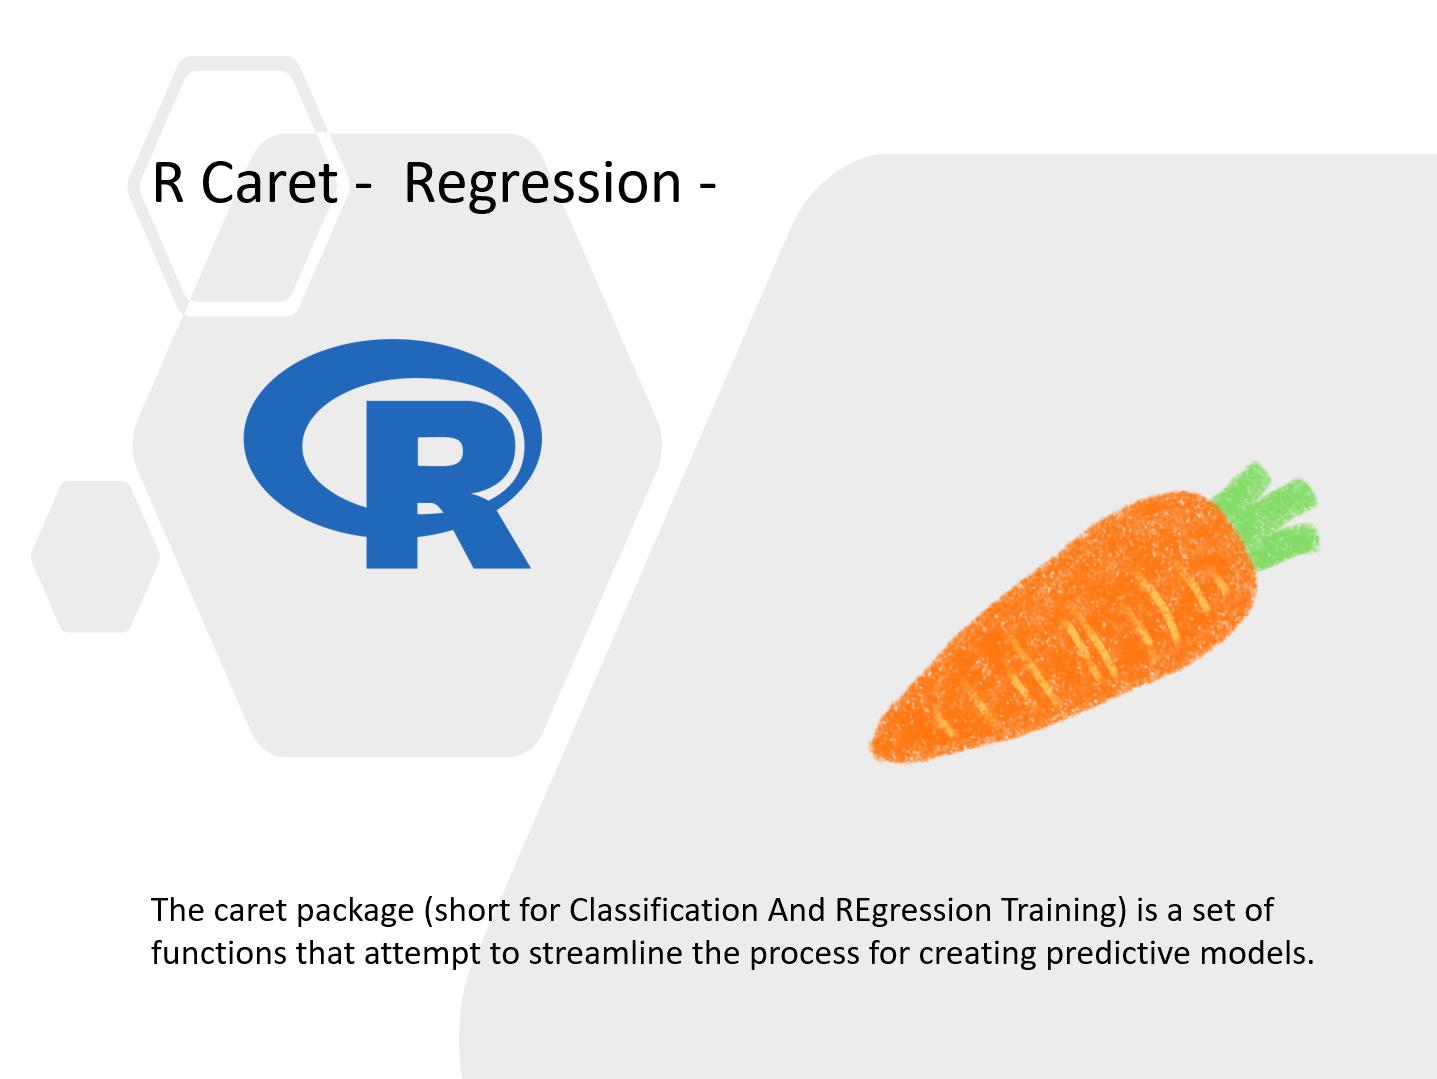 200以上のアルゴリズムを試せる<br>R Caret によるシンプル機械学習モデリング<br>その1(回帰問題編)